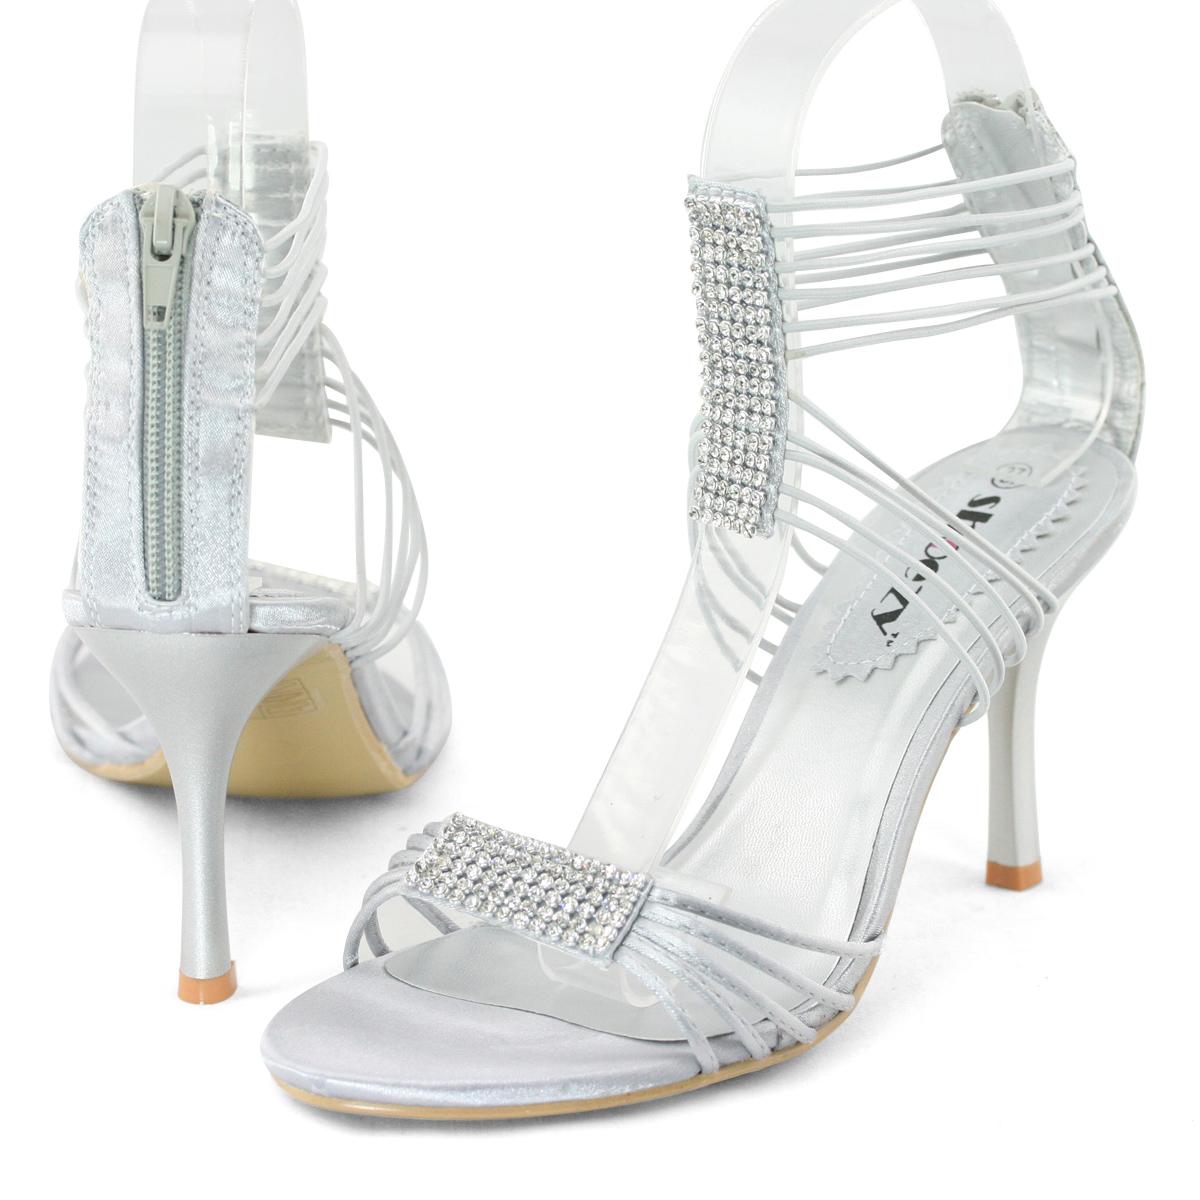 SHOEZY-Womens-Silver-Diamante-Platform-Pumps-Evening-Prom-Dress-High